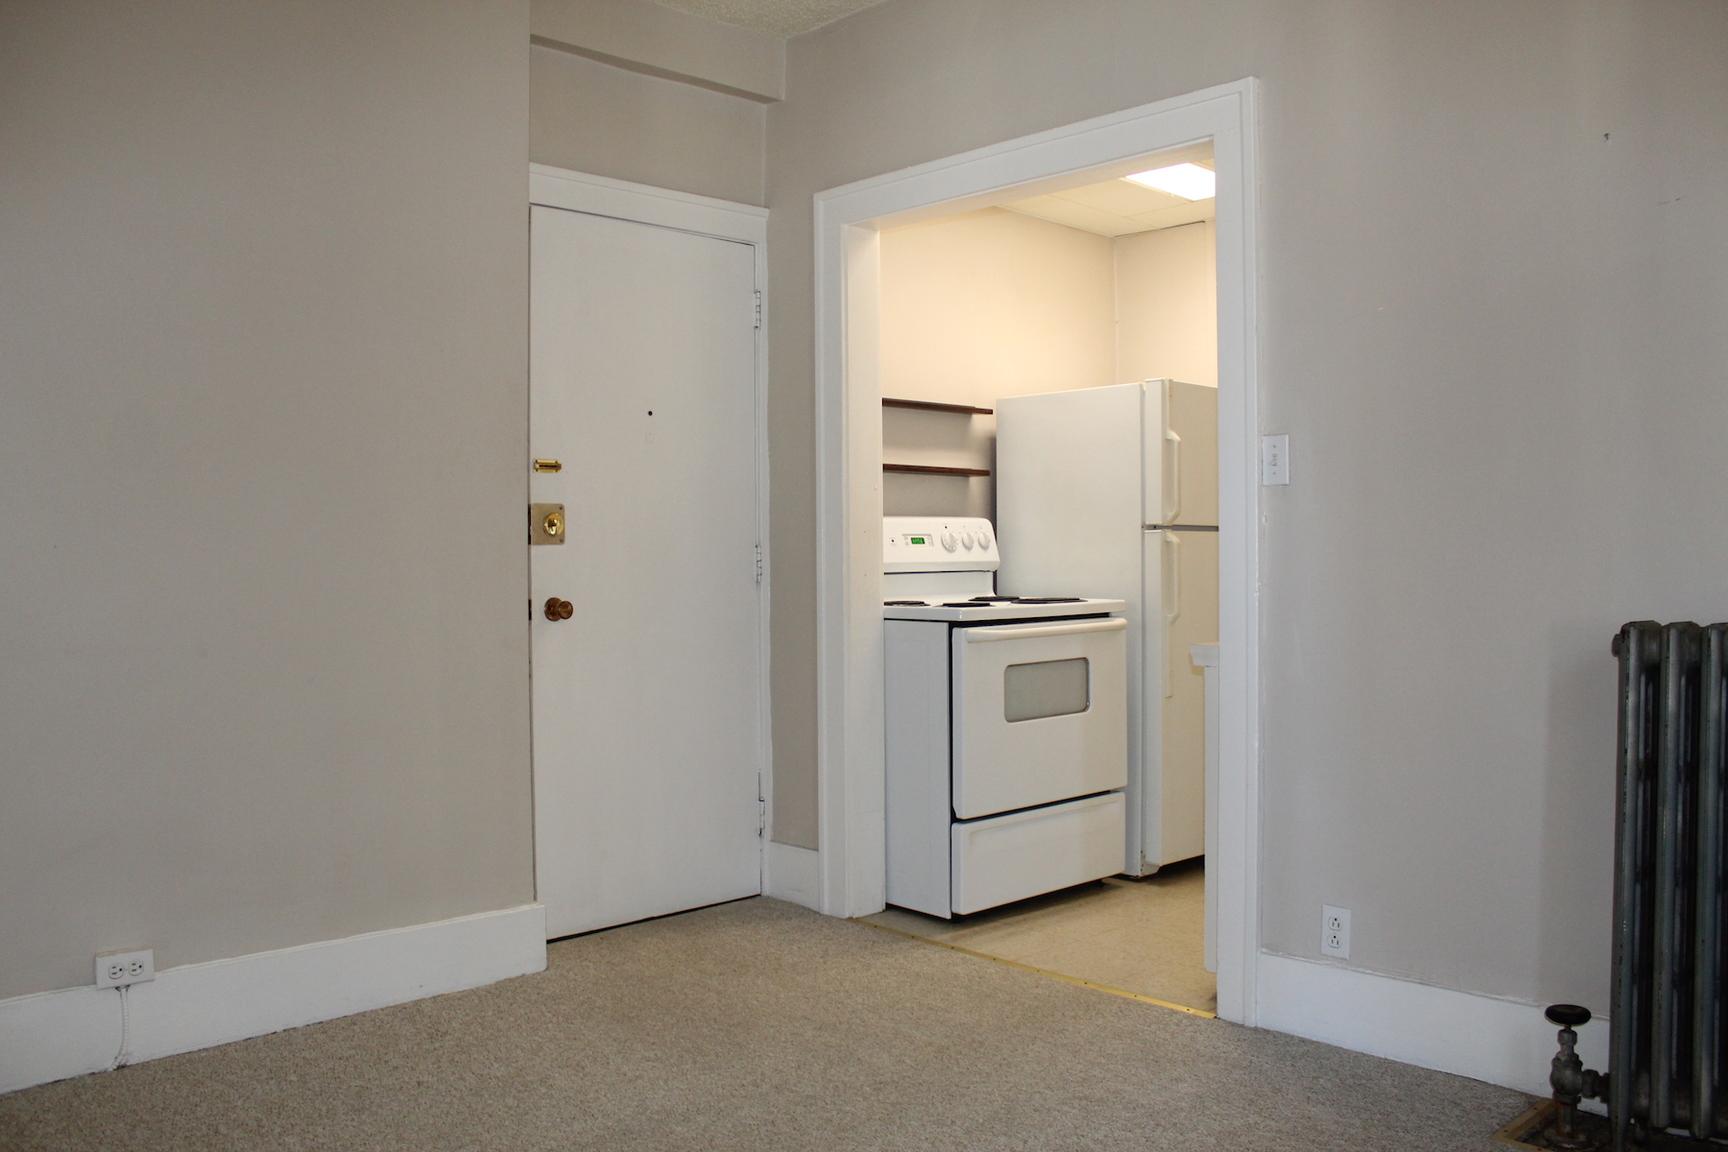 2025 Rose Street, Regina, SK - $599